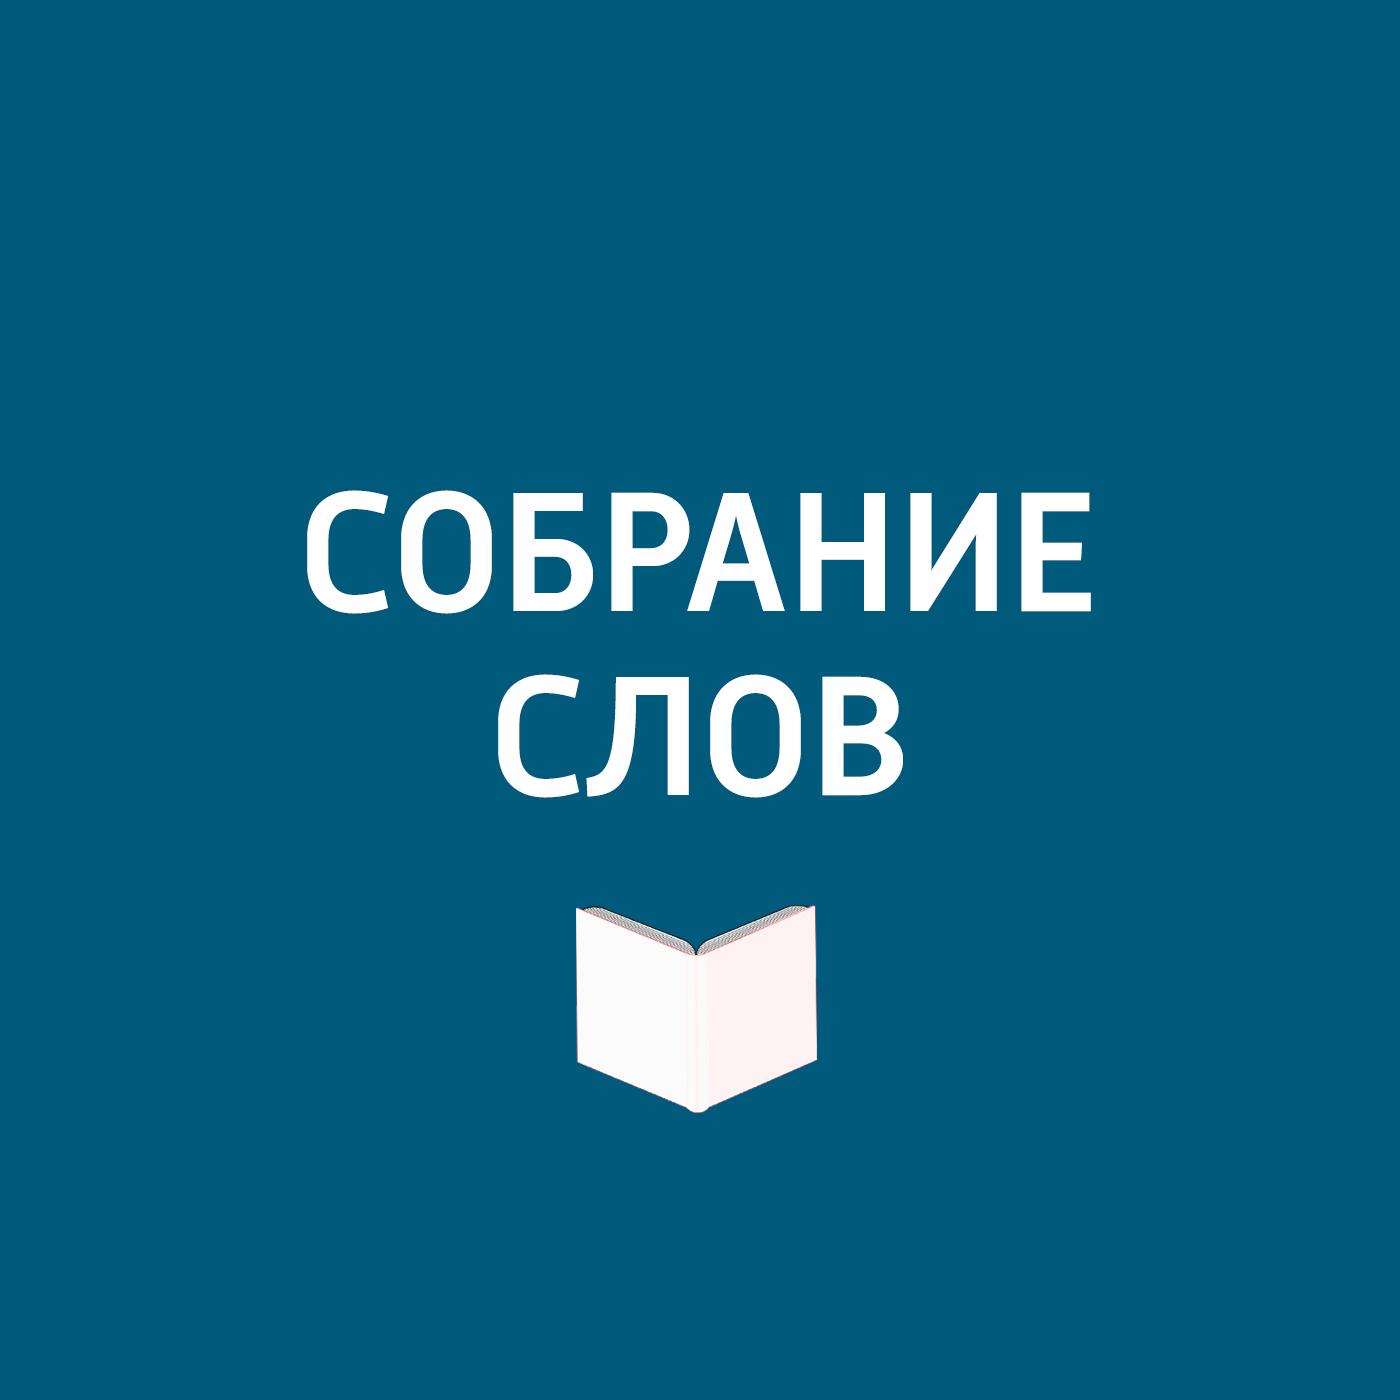 Творческий коллектив программы «Собрание слов» Большое интервью Бориса Литвинцева british banking